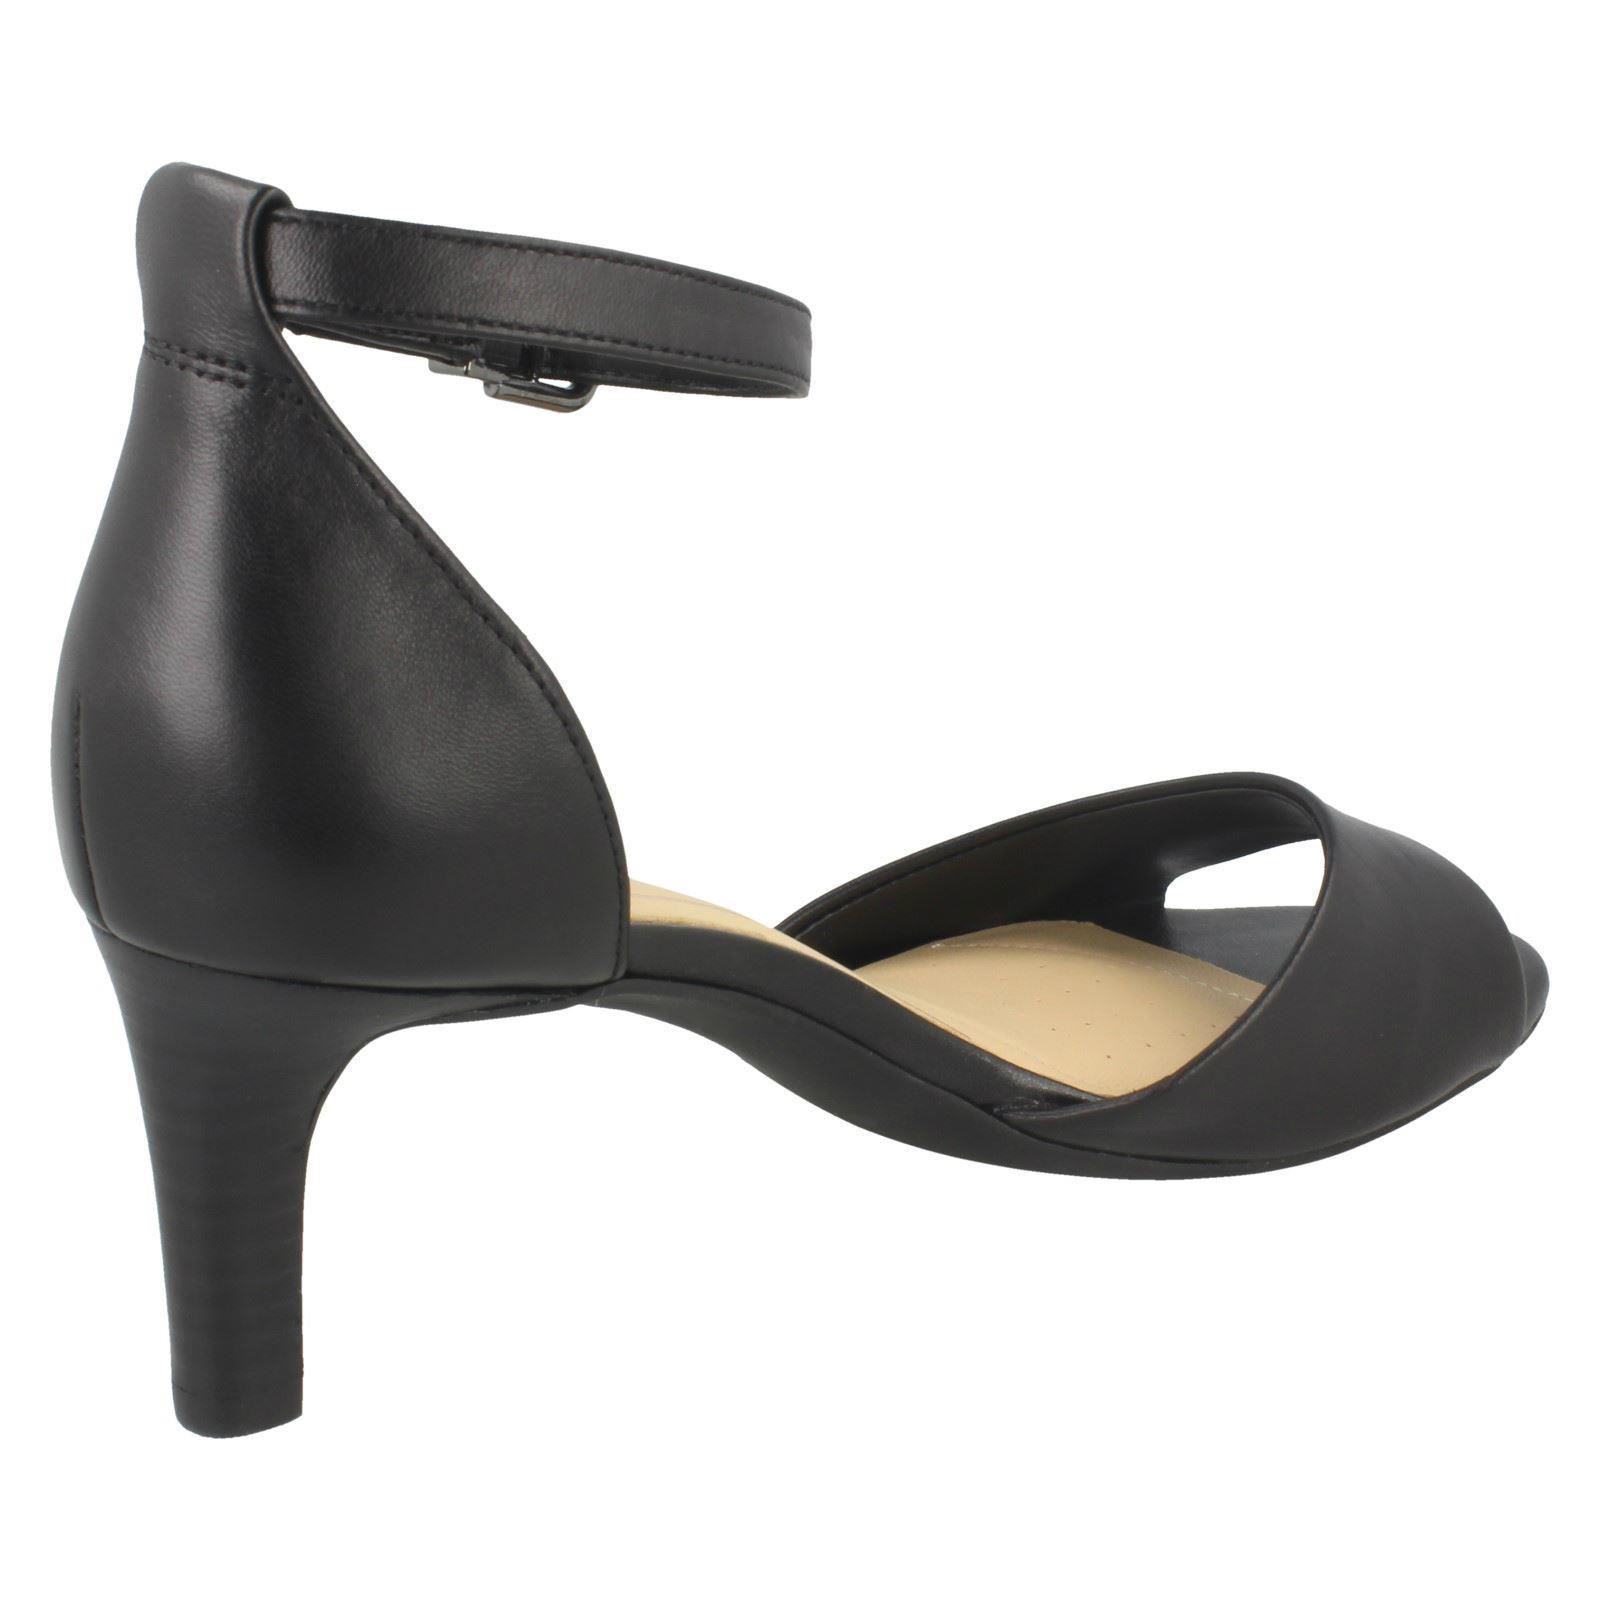 Ladies Clarks Elegant Stiletto Buckled Heeled Leather Sandals Laureti Laureti Laureti Grace da919c